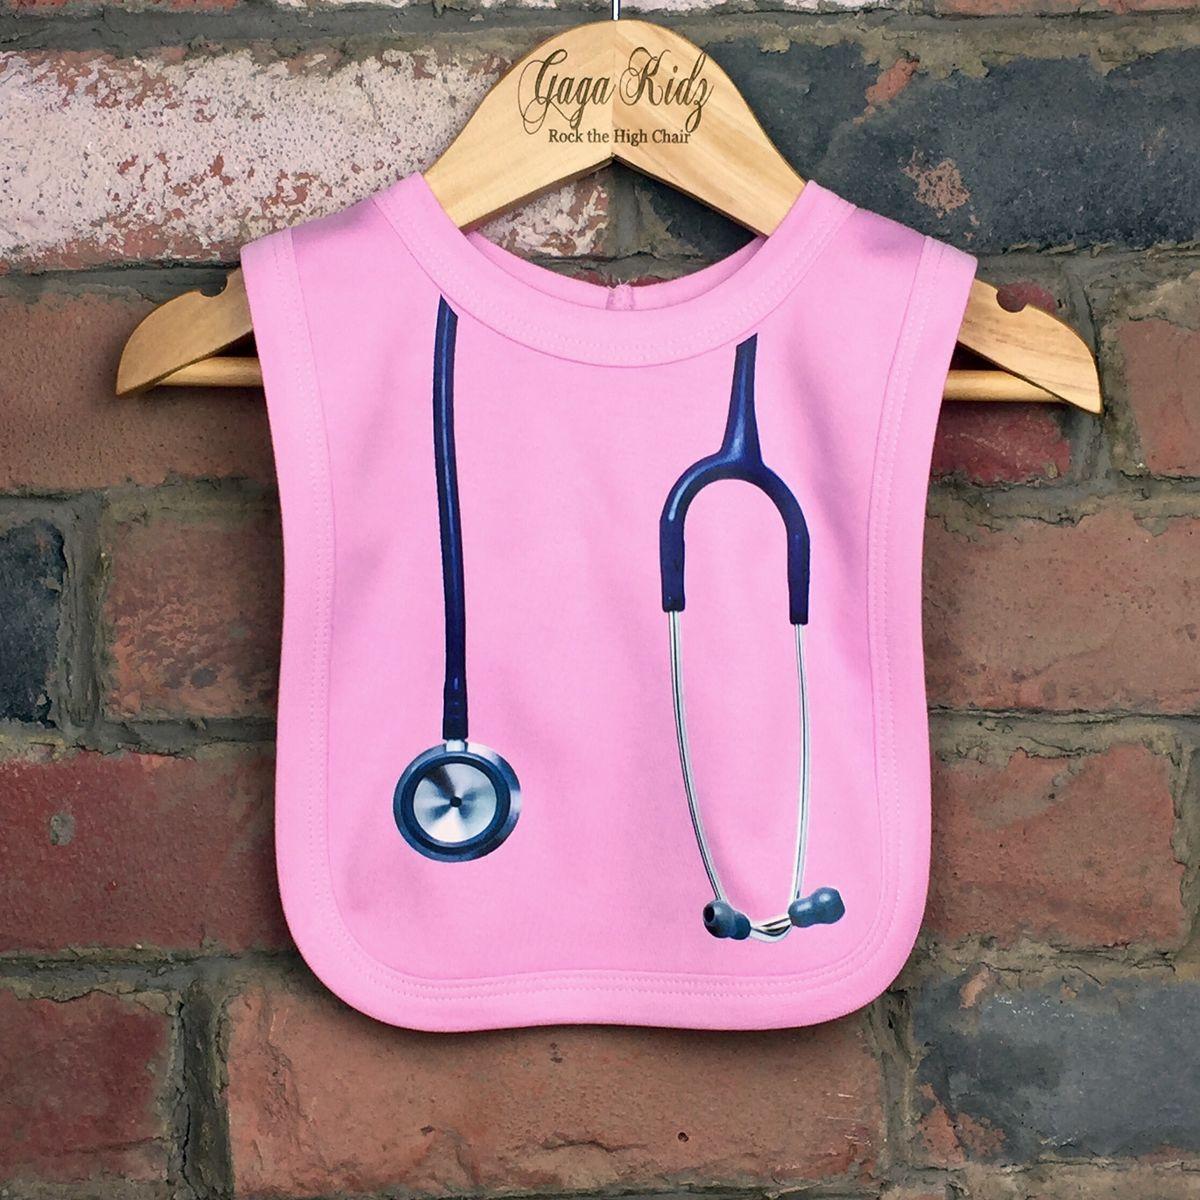 7812ddf544f6b Stethoscope Baby Bib (various colours) - Gaga Kidz